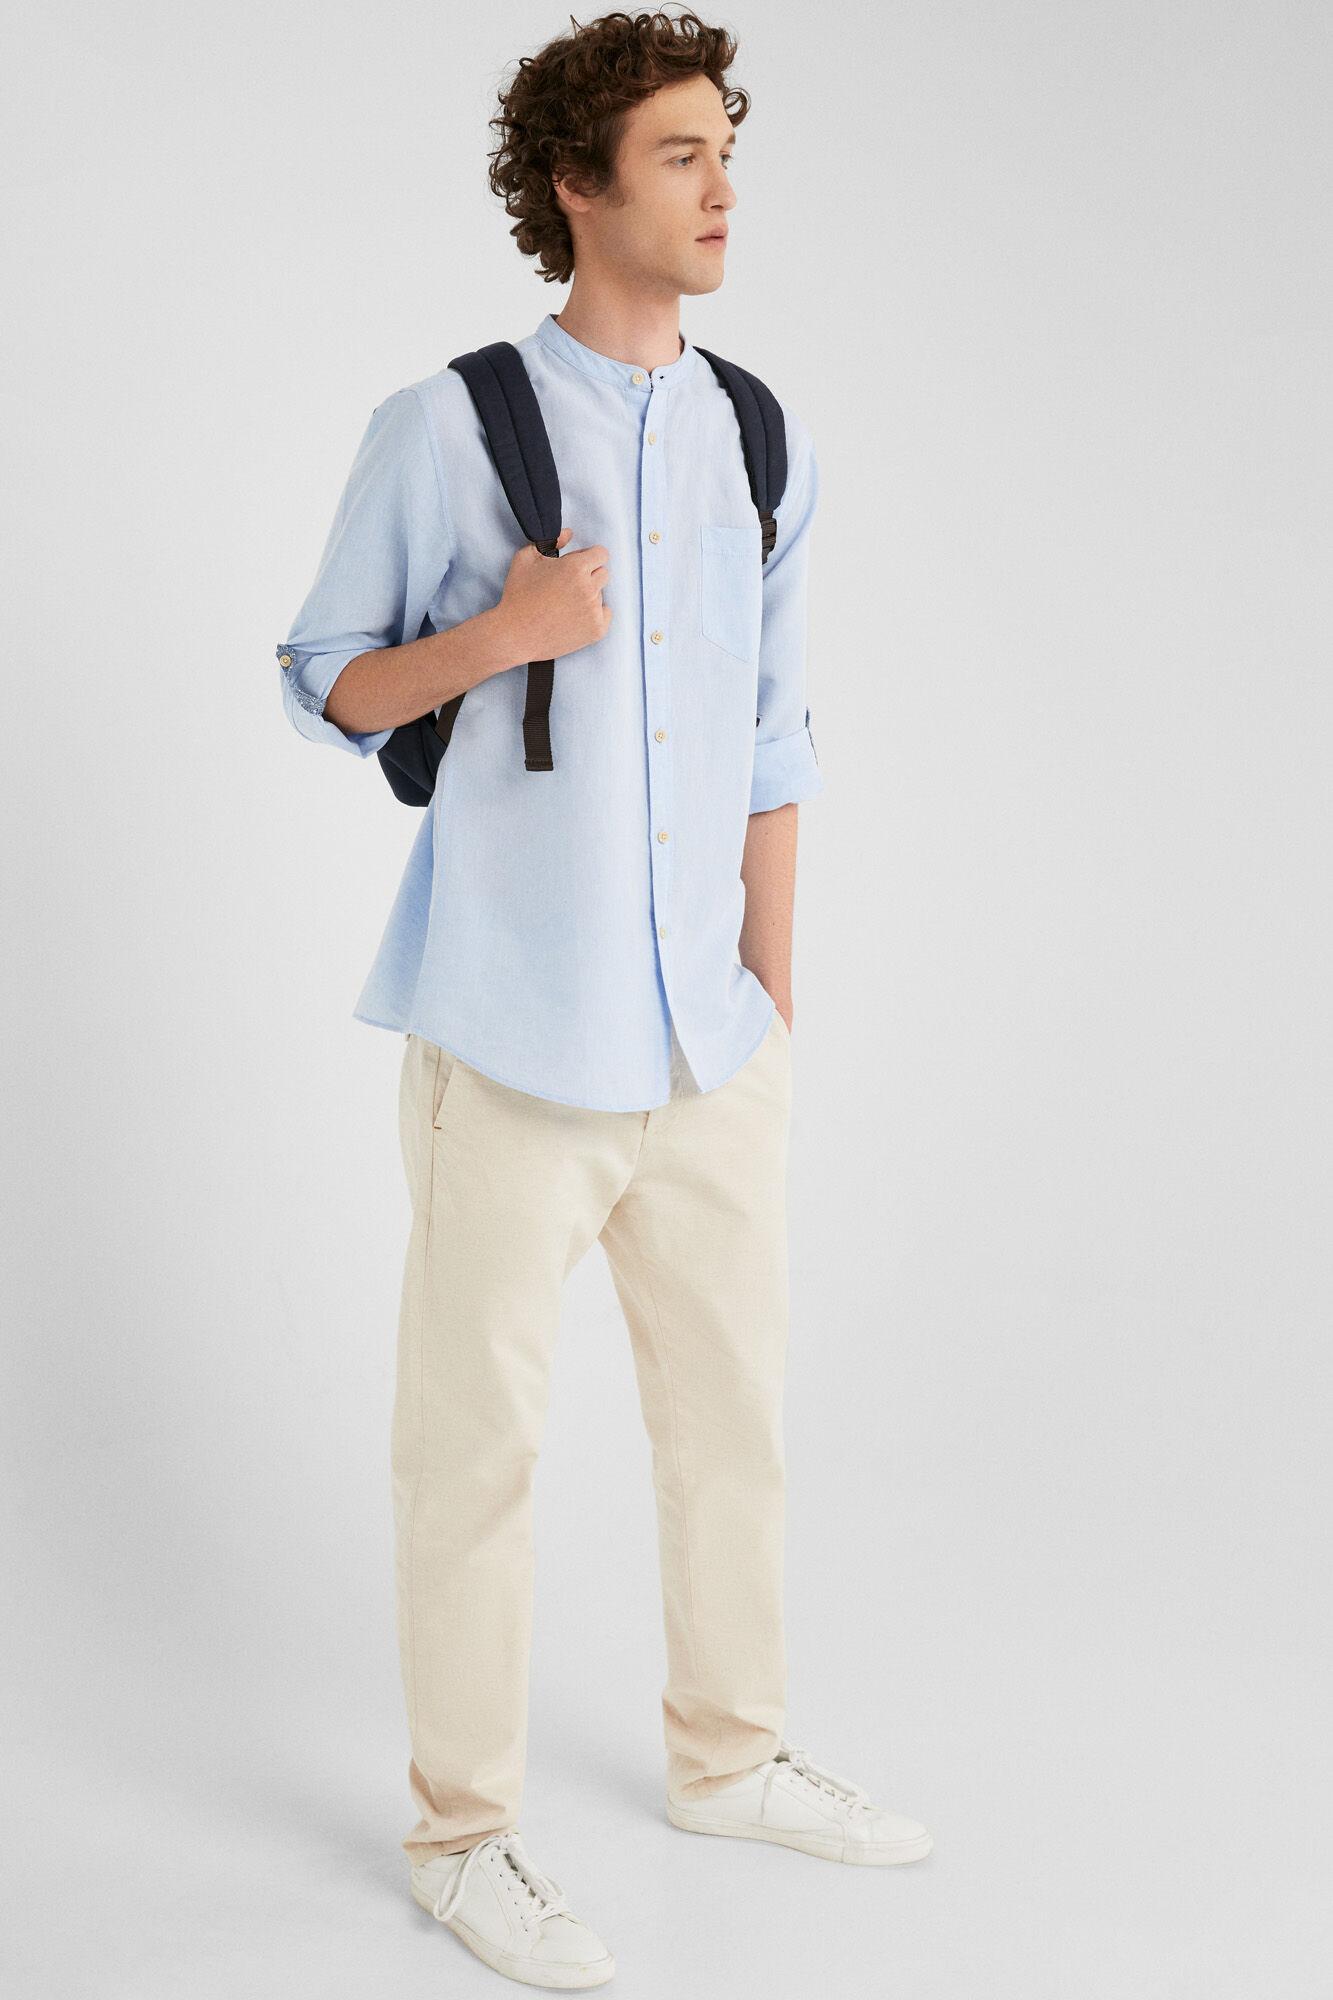 c881d3868ba Conjunto de camisa estampada bermudas con tirantes Ropa